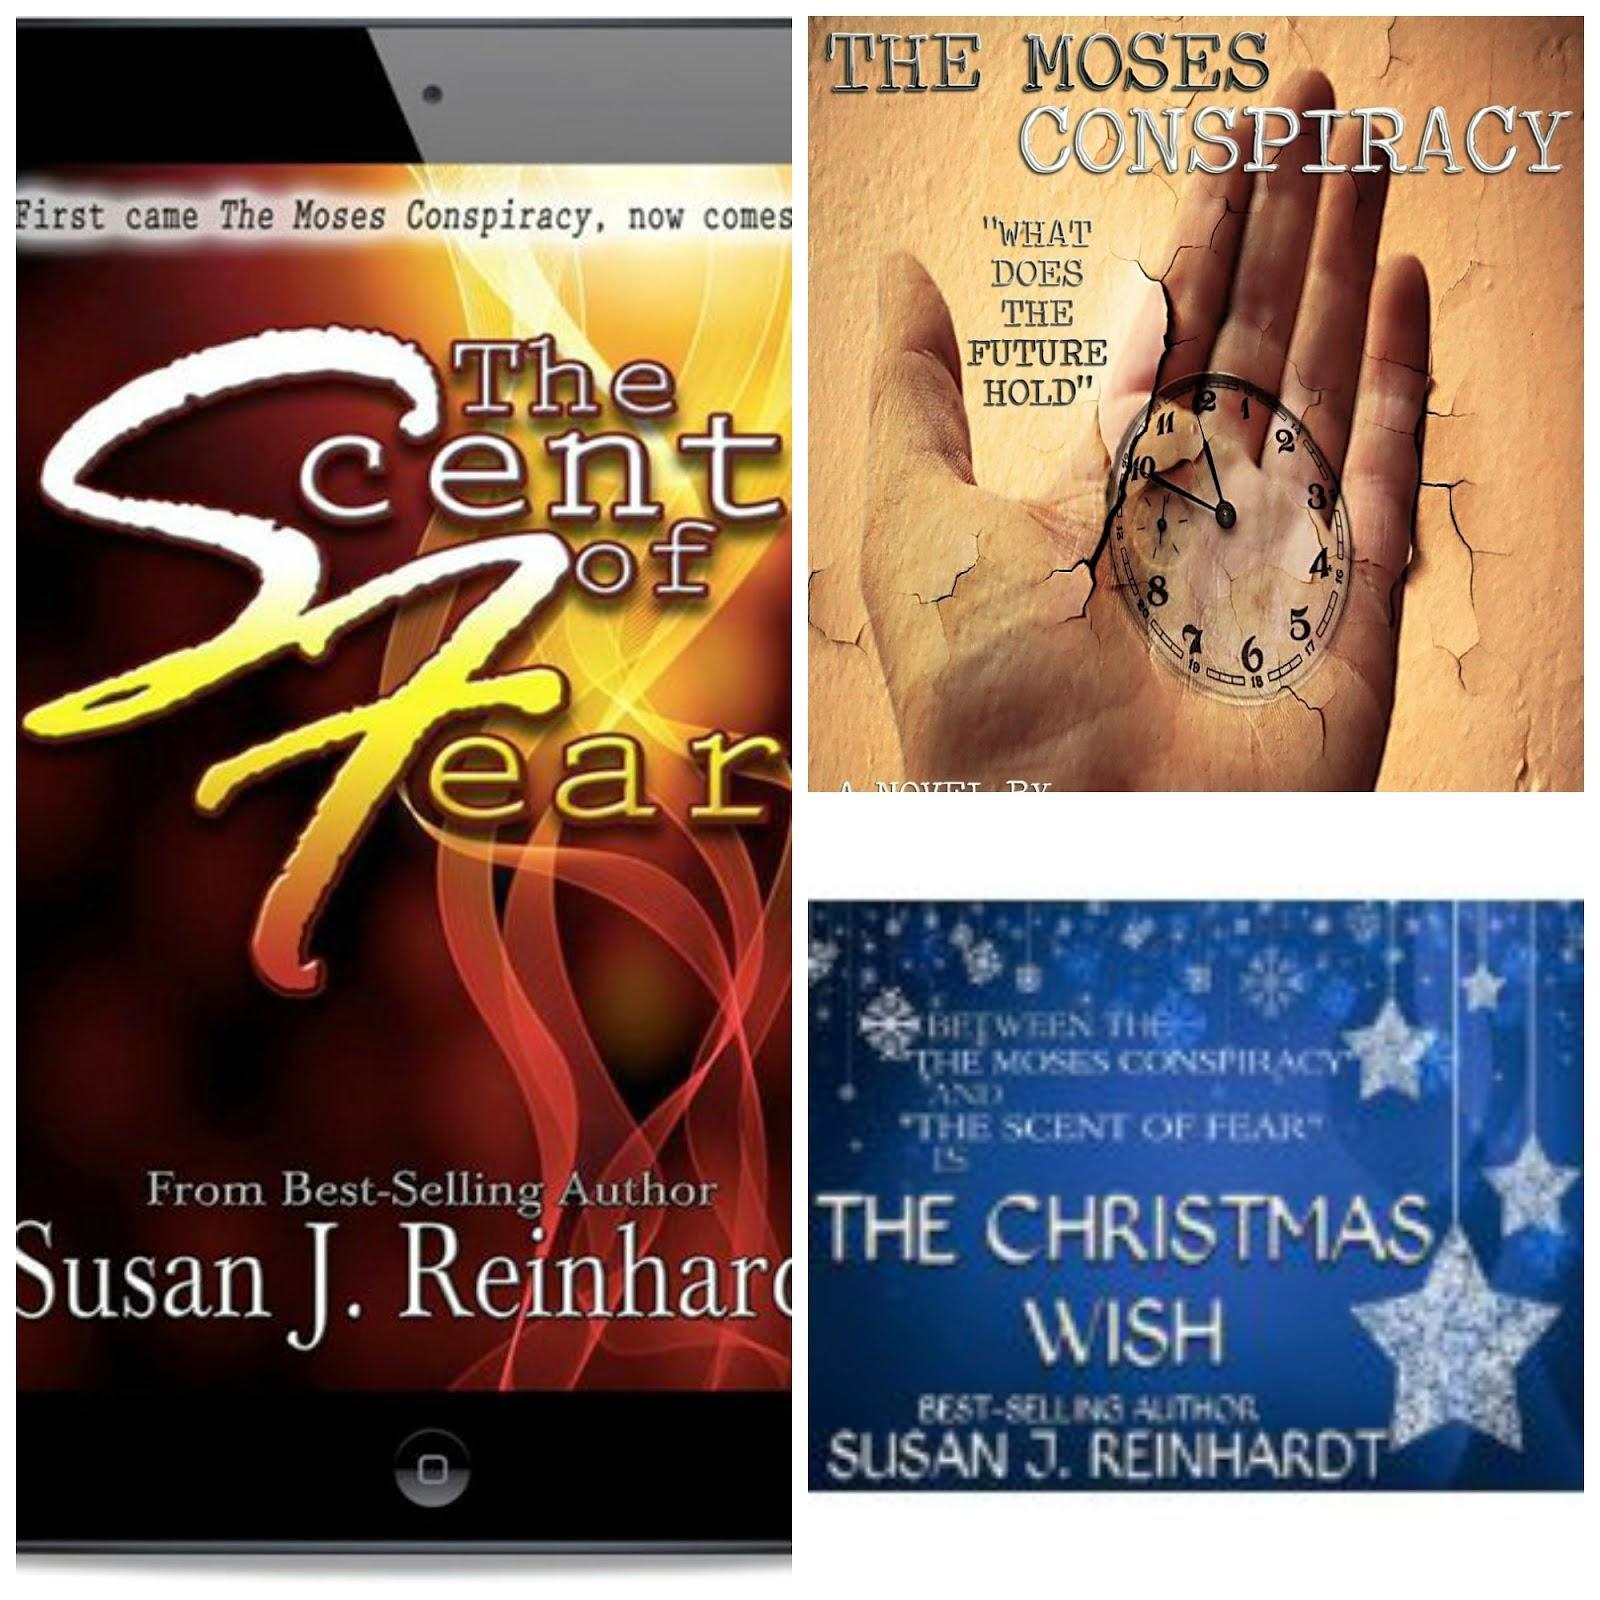 Enter to win 3 Susan j. Reinhardt E-books!